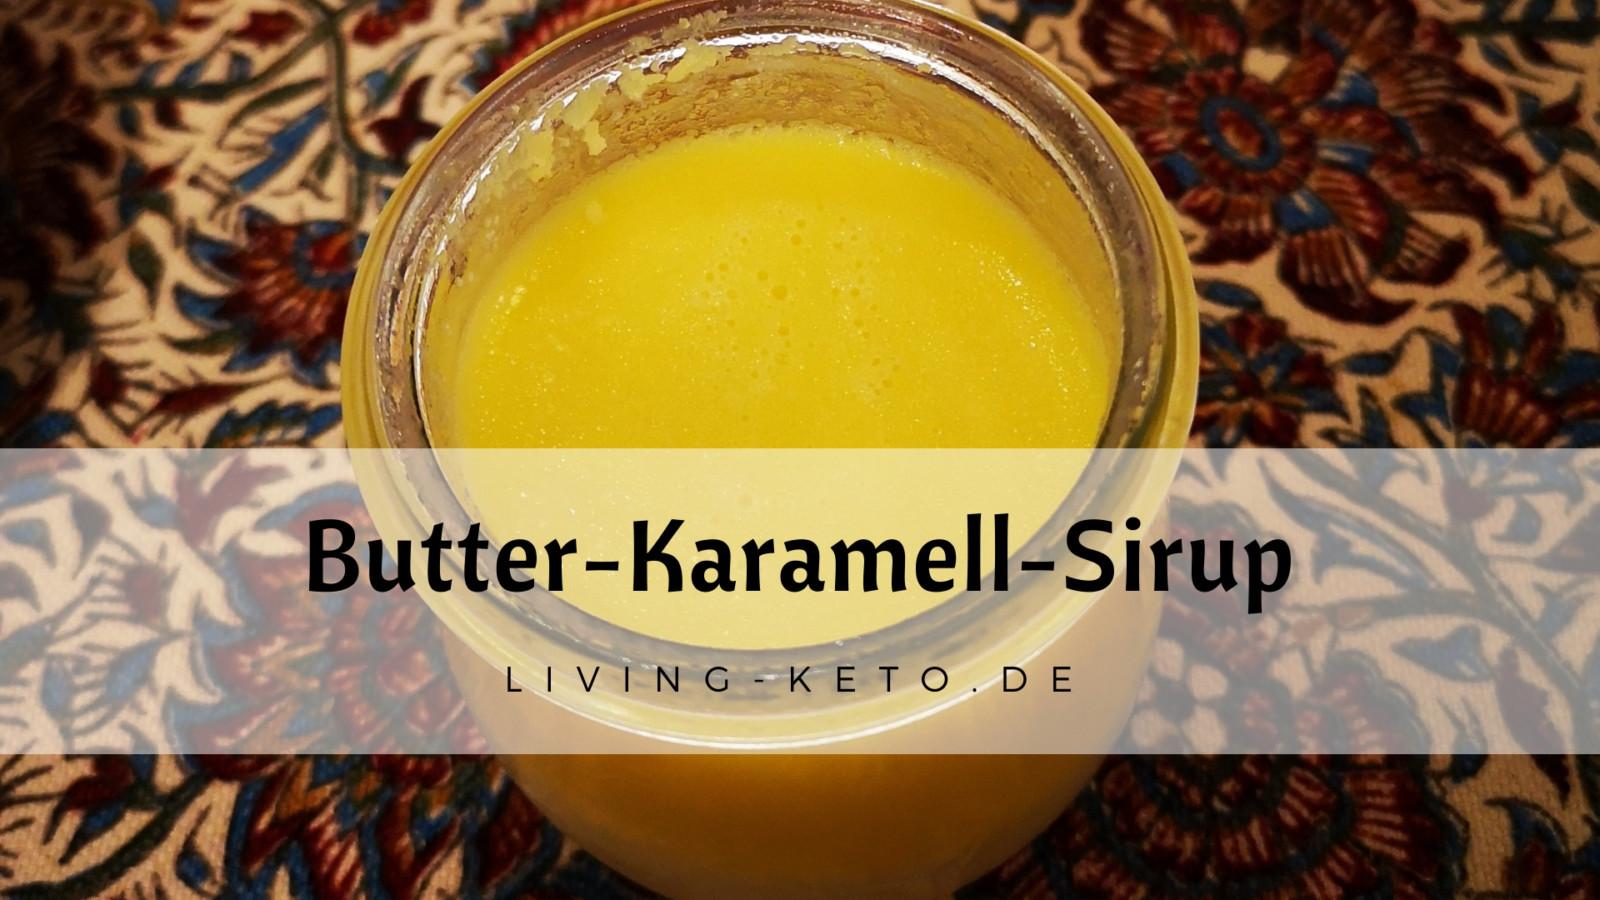 Butter-Karamell-Sirup